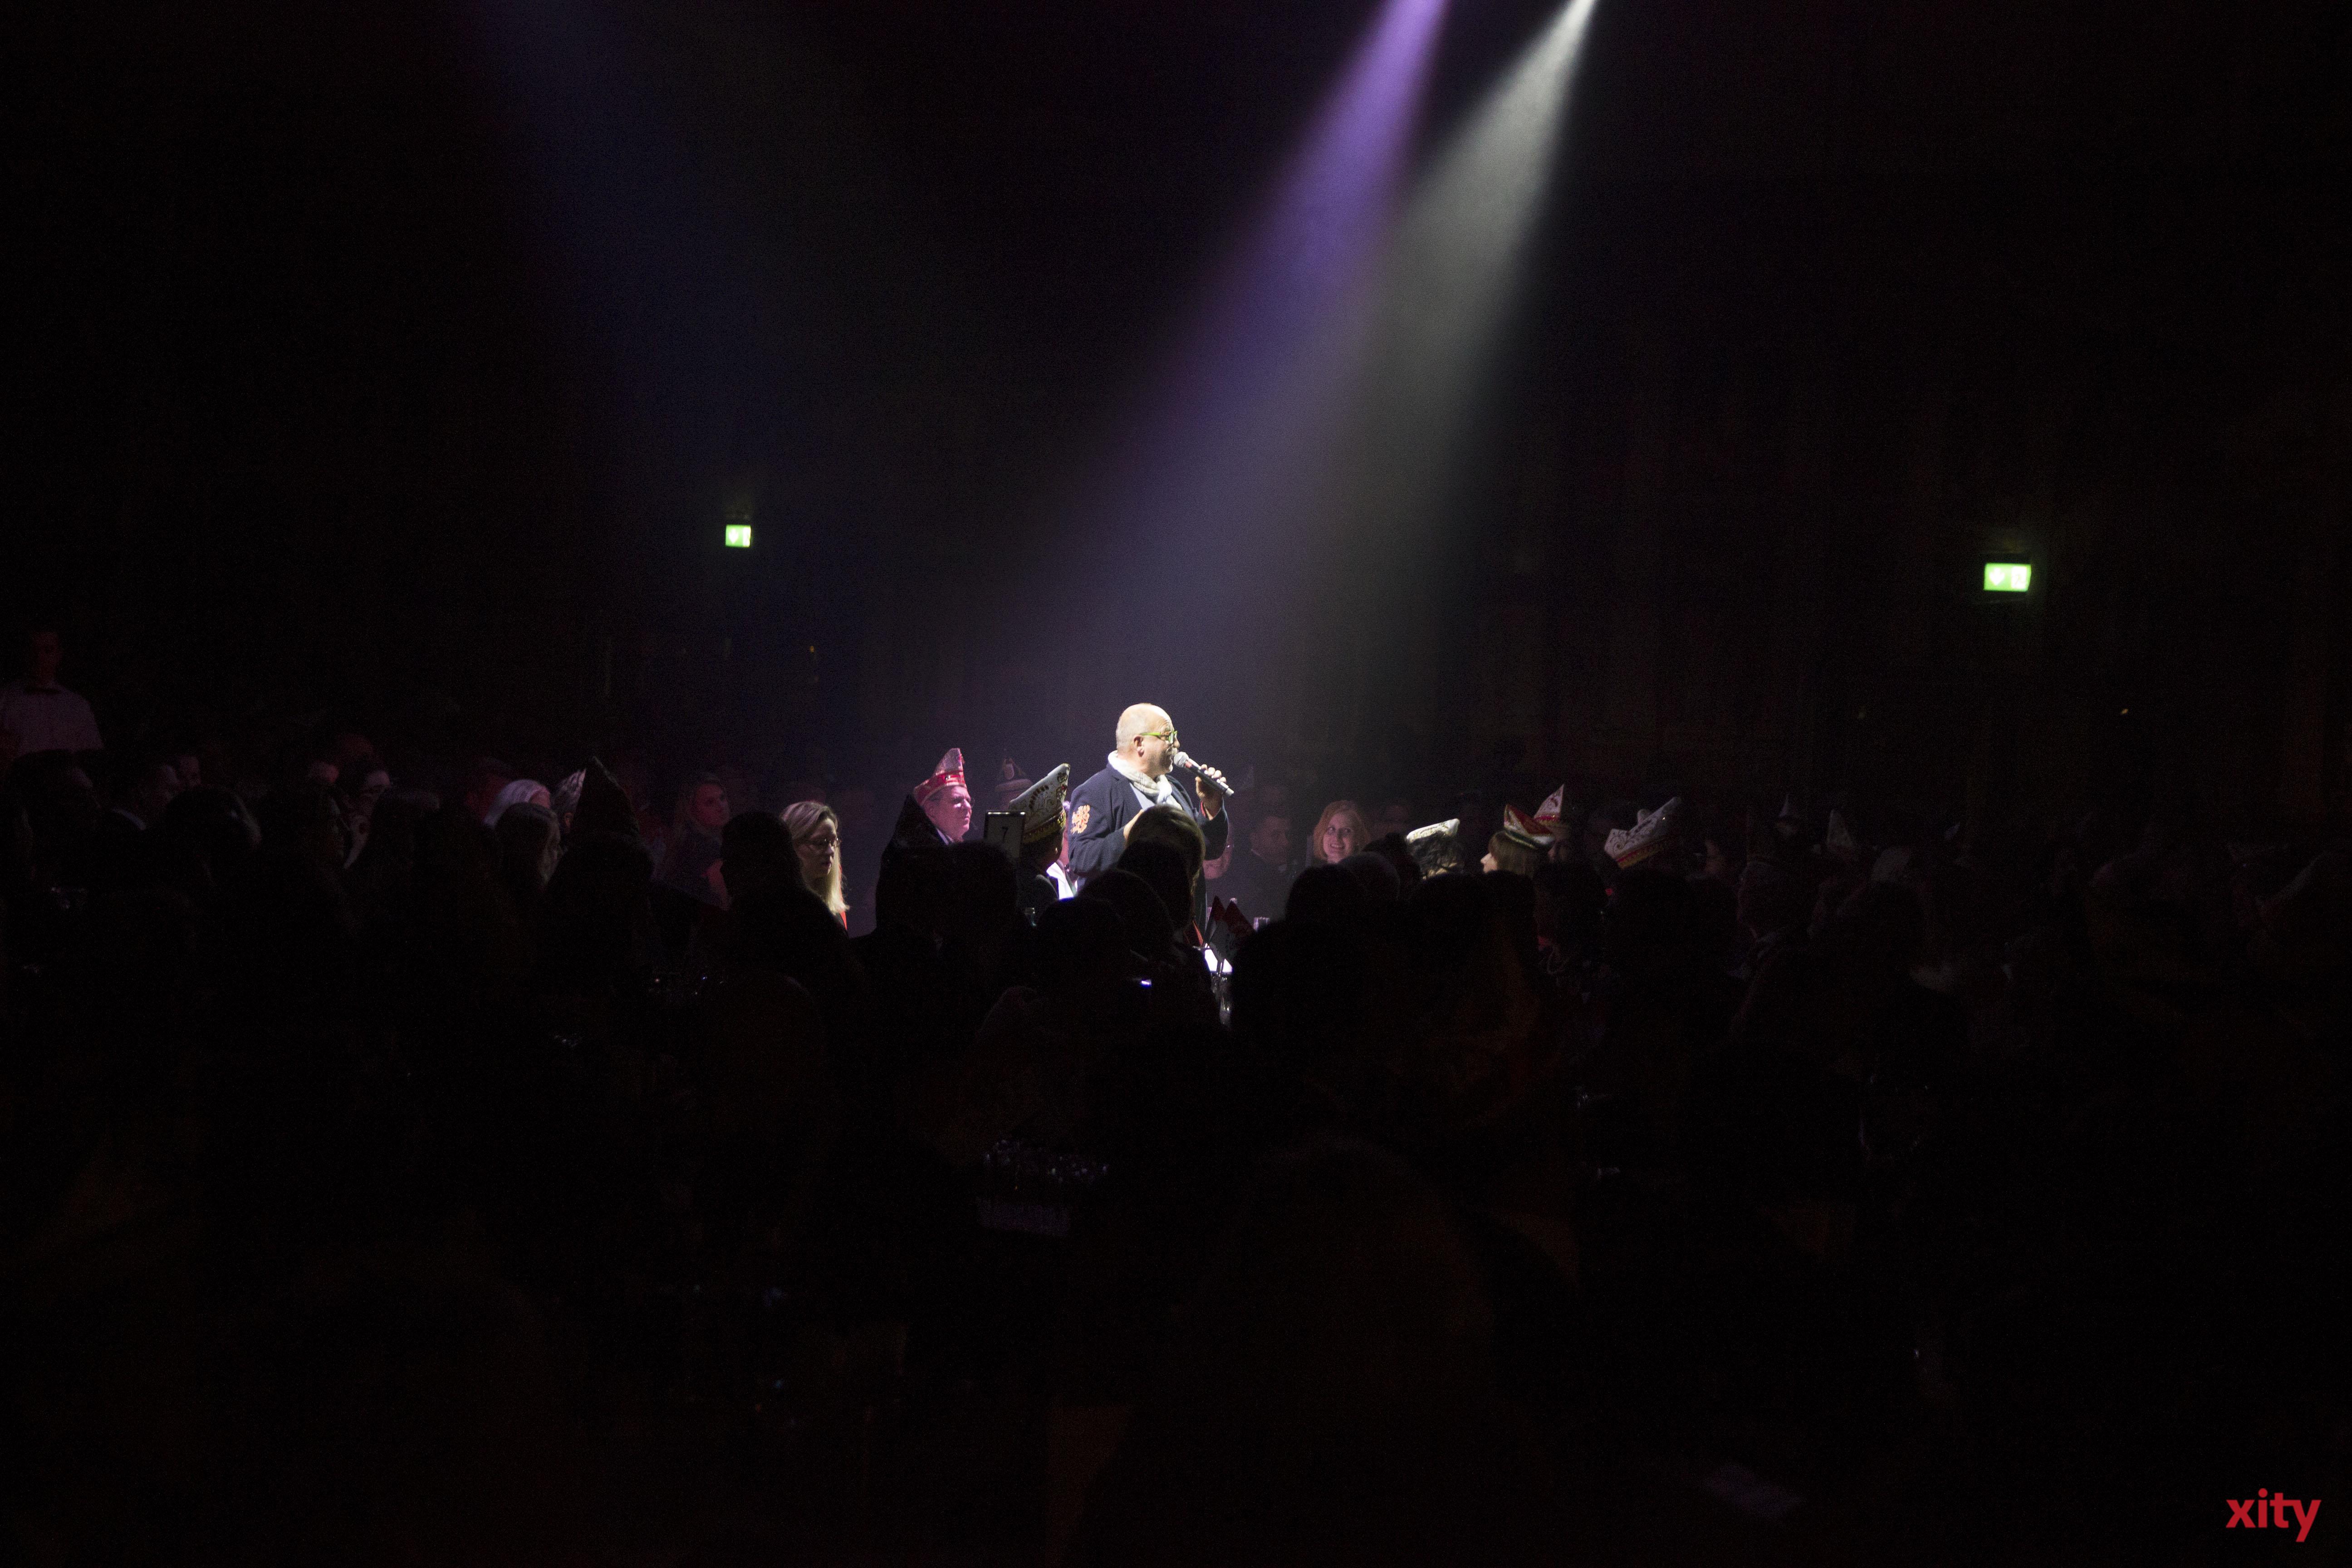 Vor der Kürung spielten Düsseldorfer Musiker auf (Foto: xity)